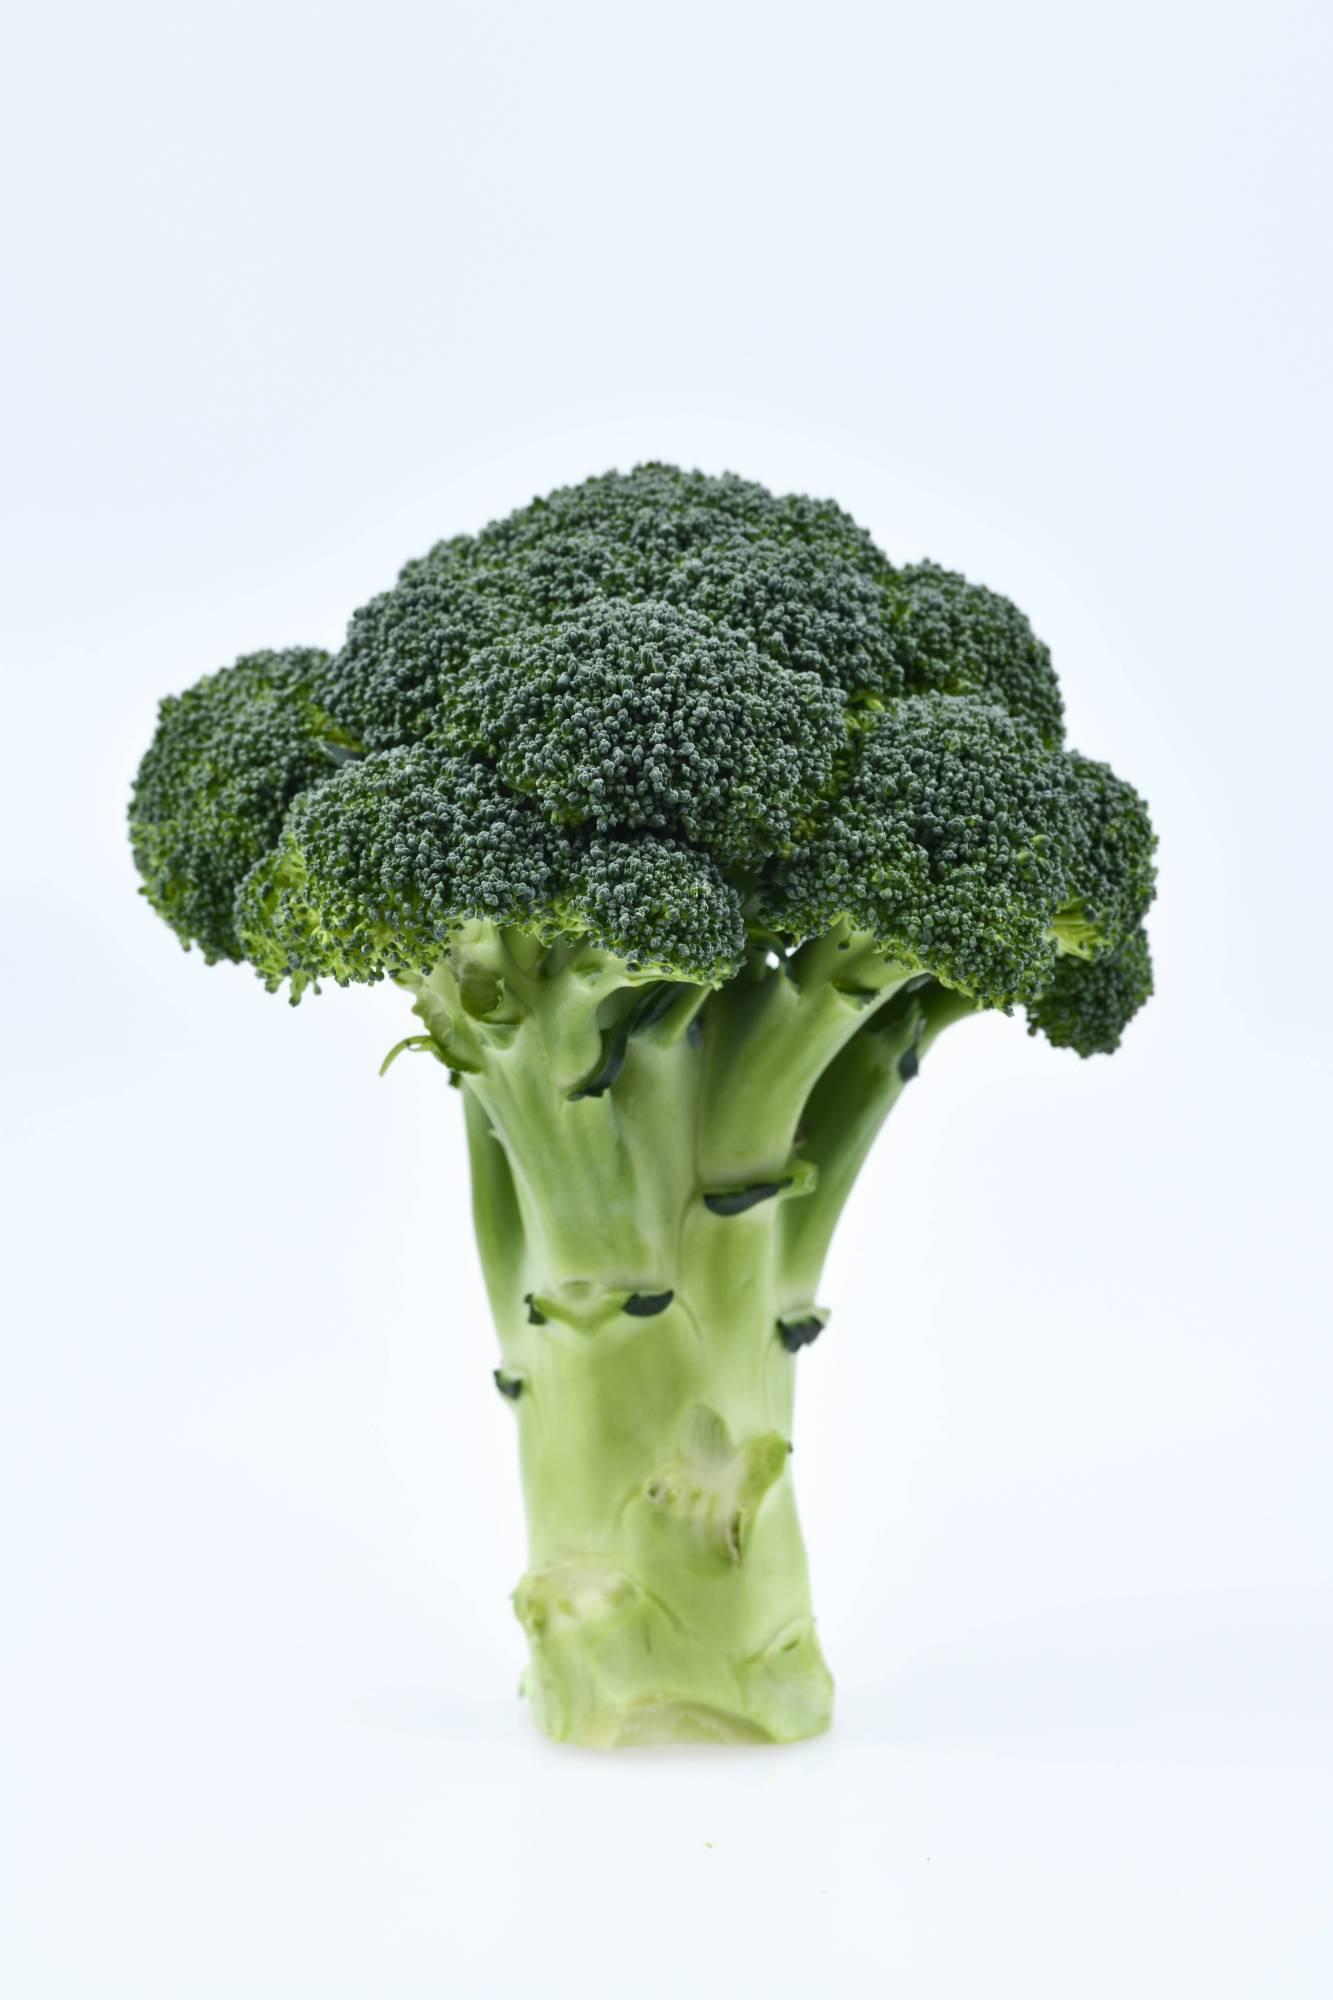 Løkkes forvirrende meldinger: Sådan blev broccoli til skyts i valgkampen